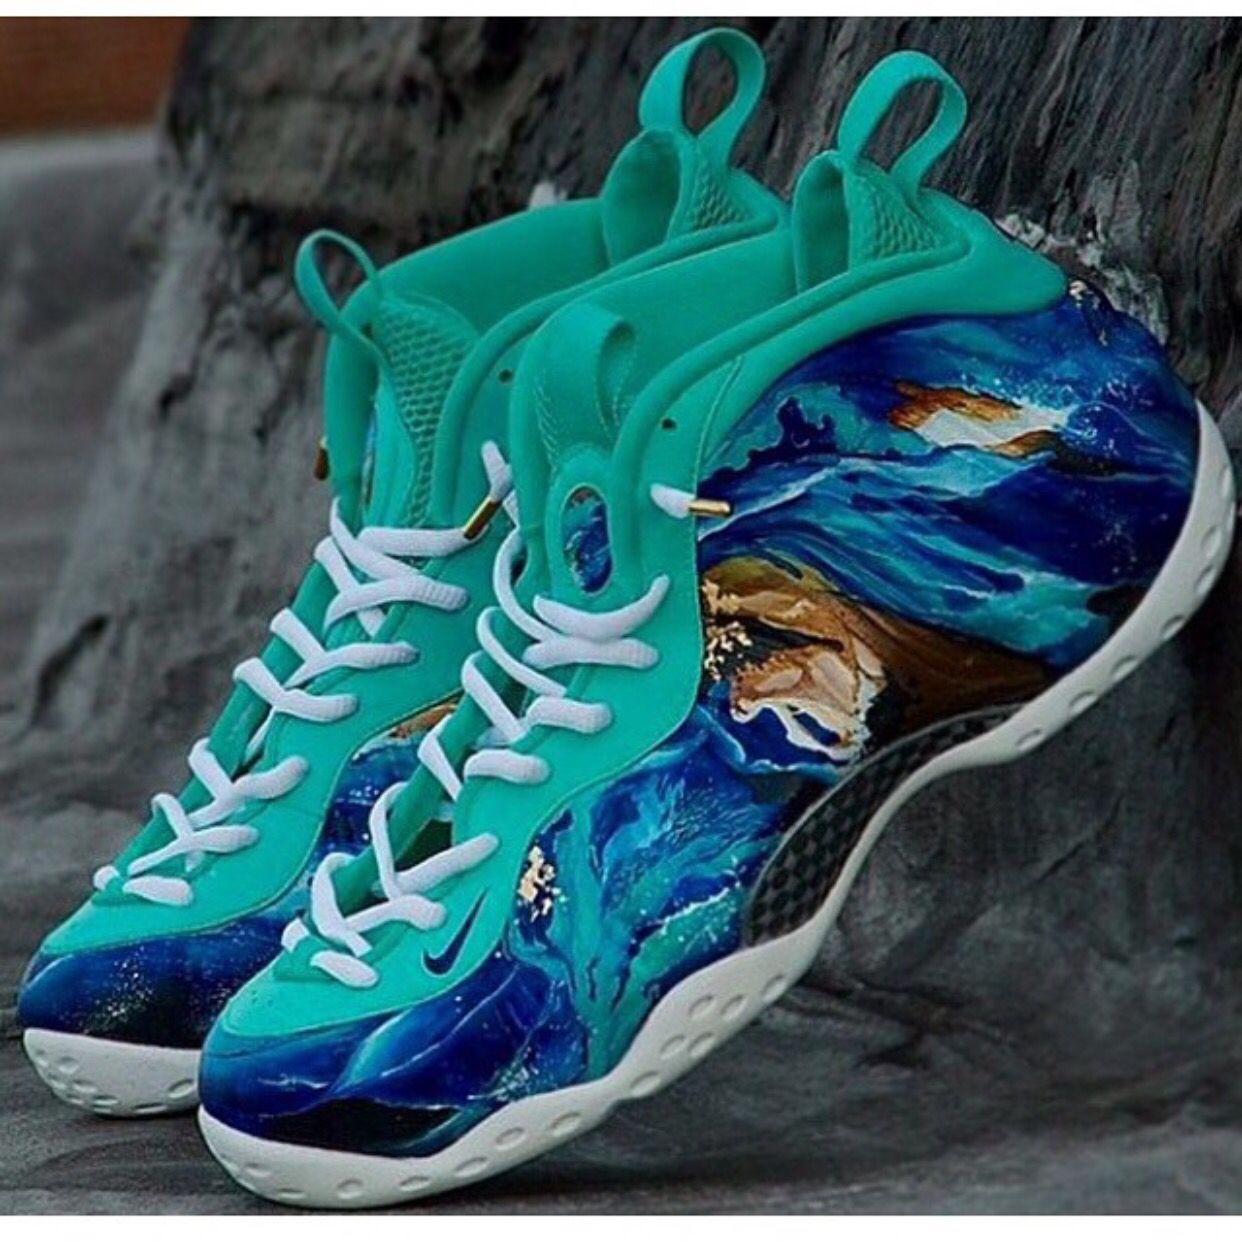 eecf91d5f681 Twerking With A Pair Of Nike Air Jordans Shoes Nike Sneakers Vapor ...